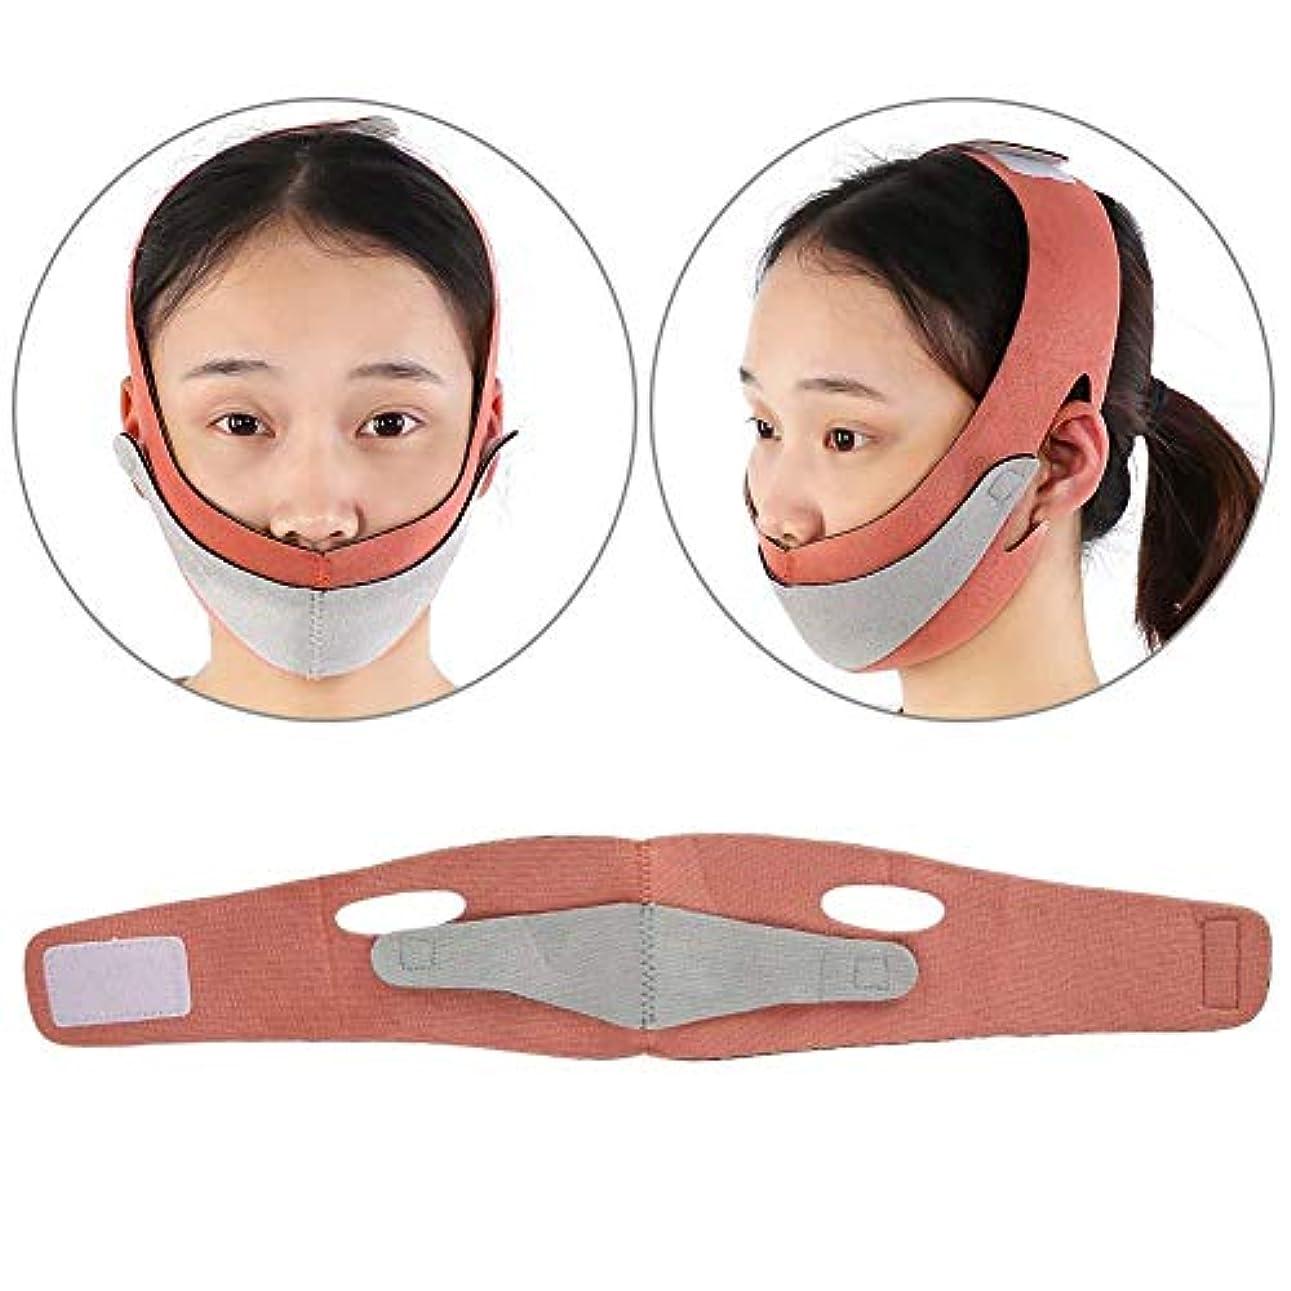 マインドフル簡単に分解する顔の輪郭を改善し、二重あご、脂肪蓄積、筋肉弛緩を効果的に改善するためのVフェイス美容包帯(02)